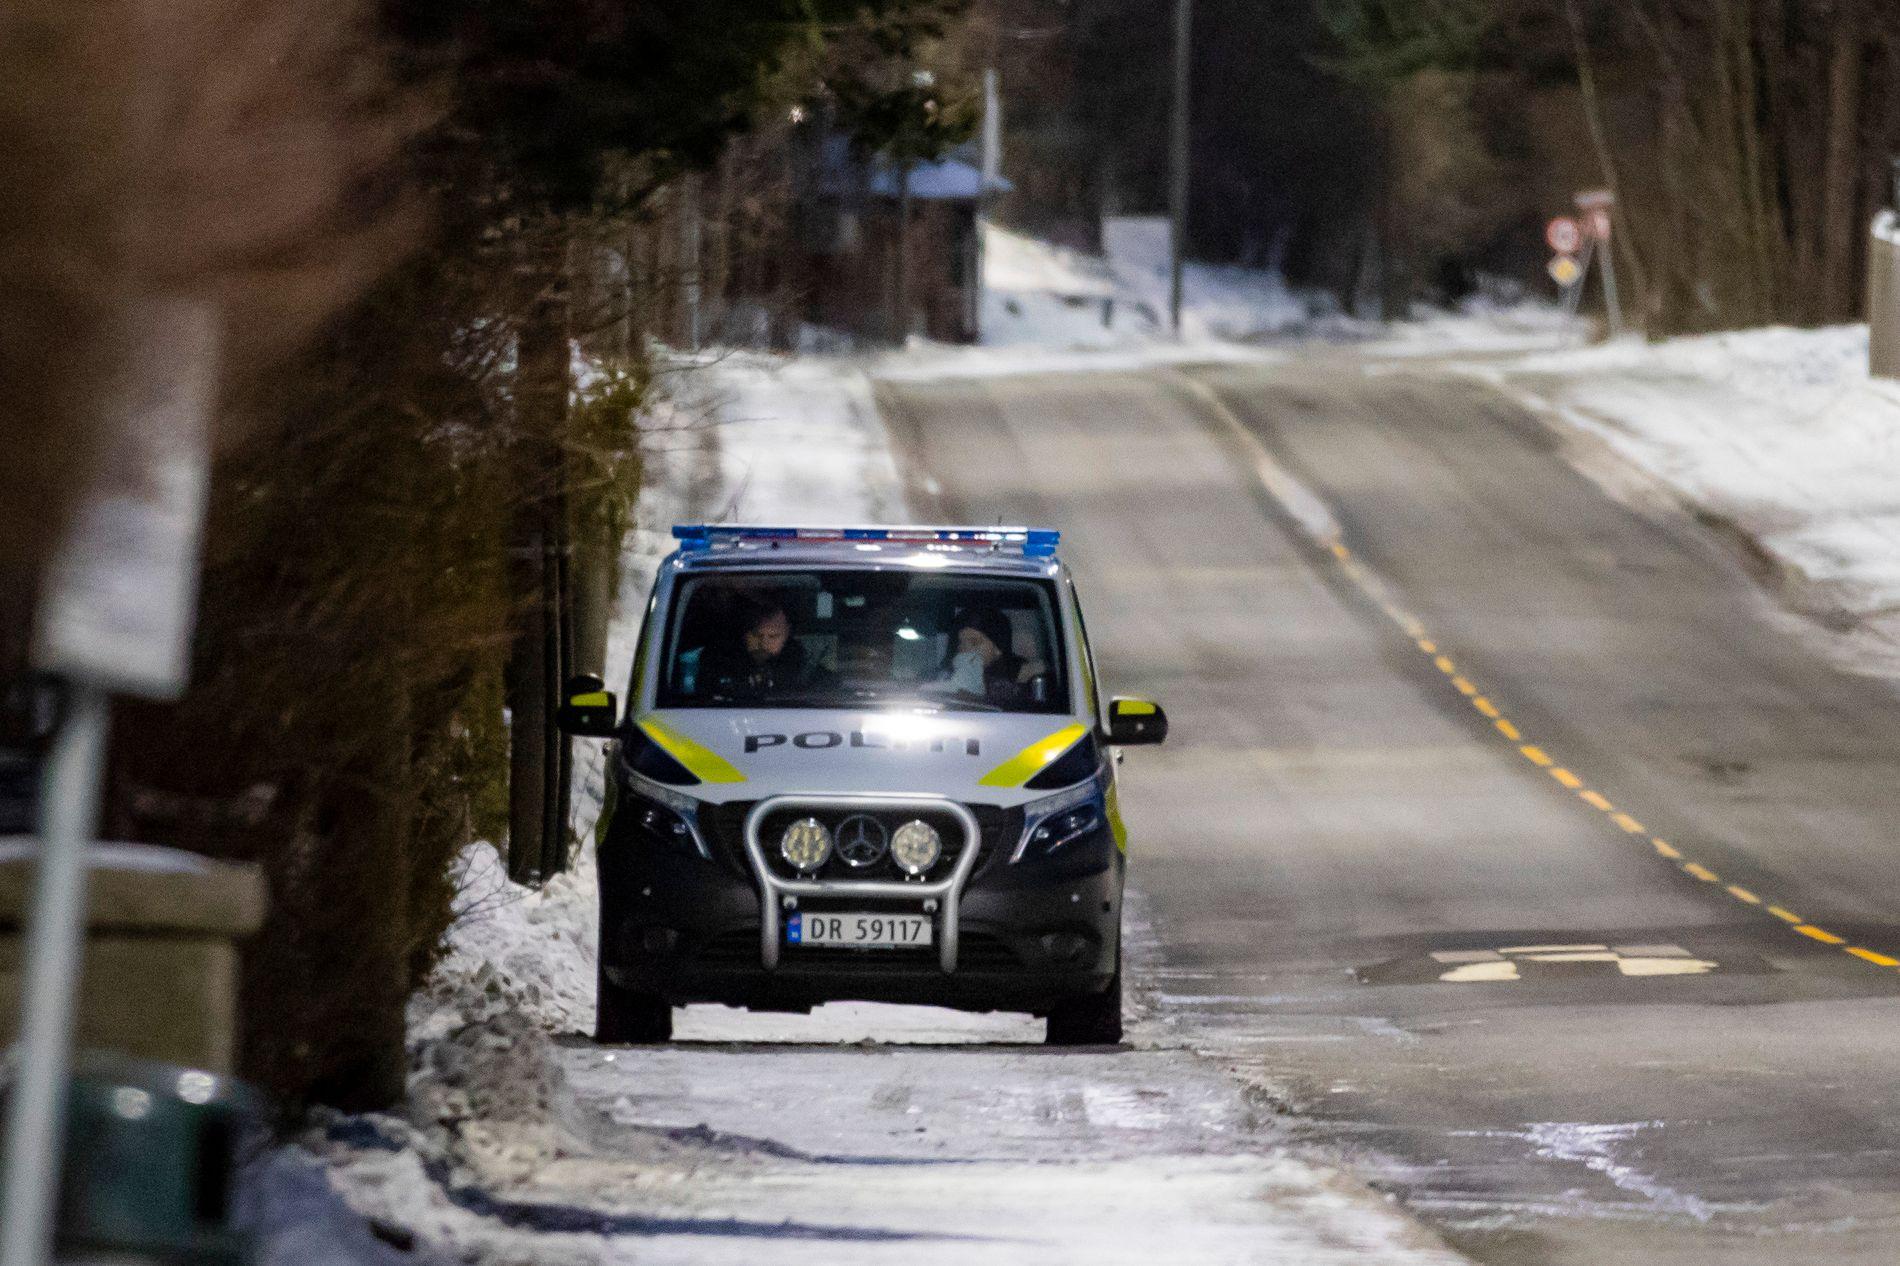 PÅ PLASS: Politiet holder oppsyn med boligen til justisminister Tor Mikkel Wara etter at en bil som tilhører familien skal ha blitt påtent natt til søndag.